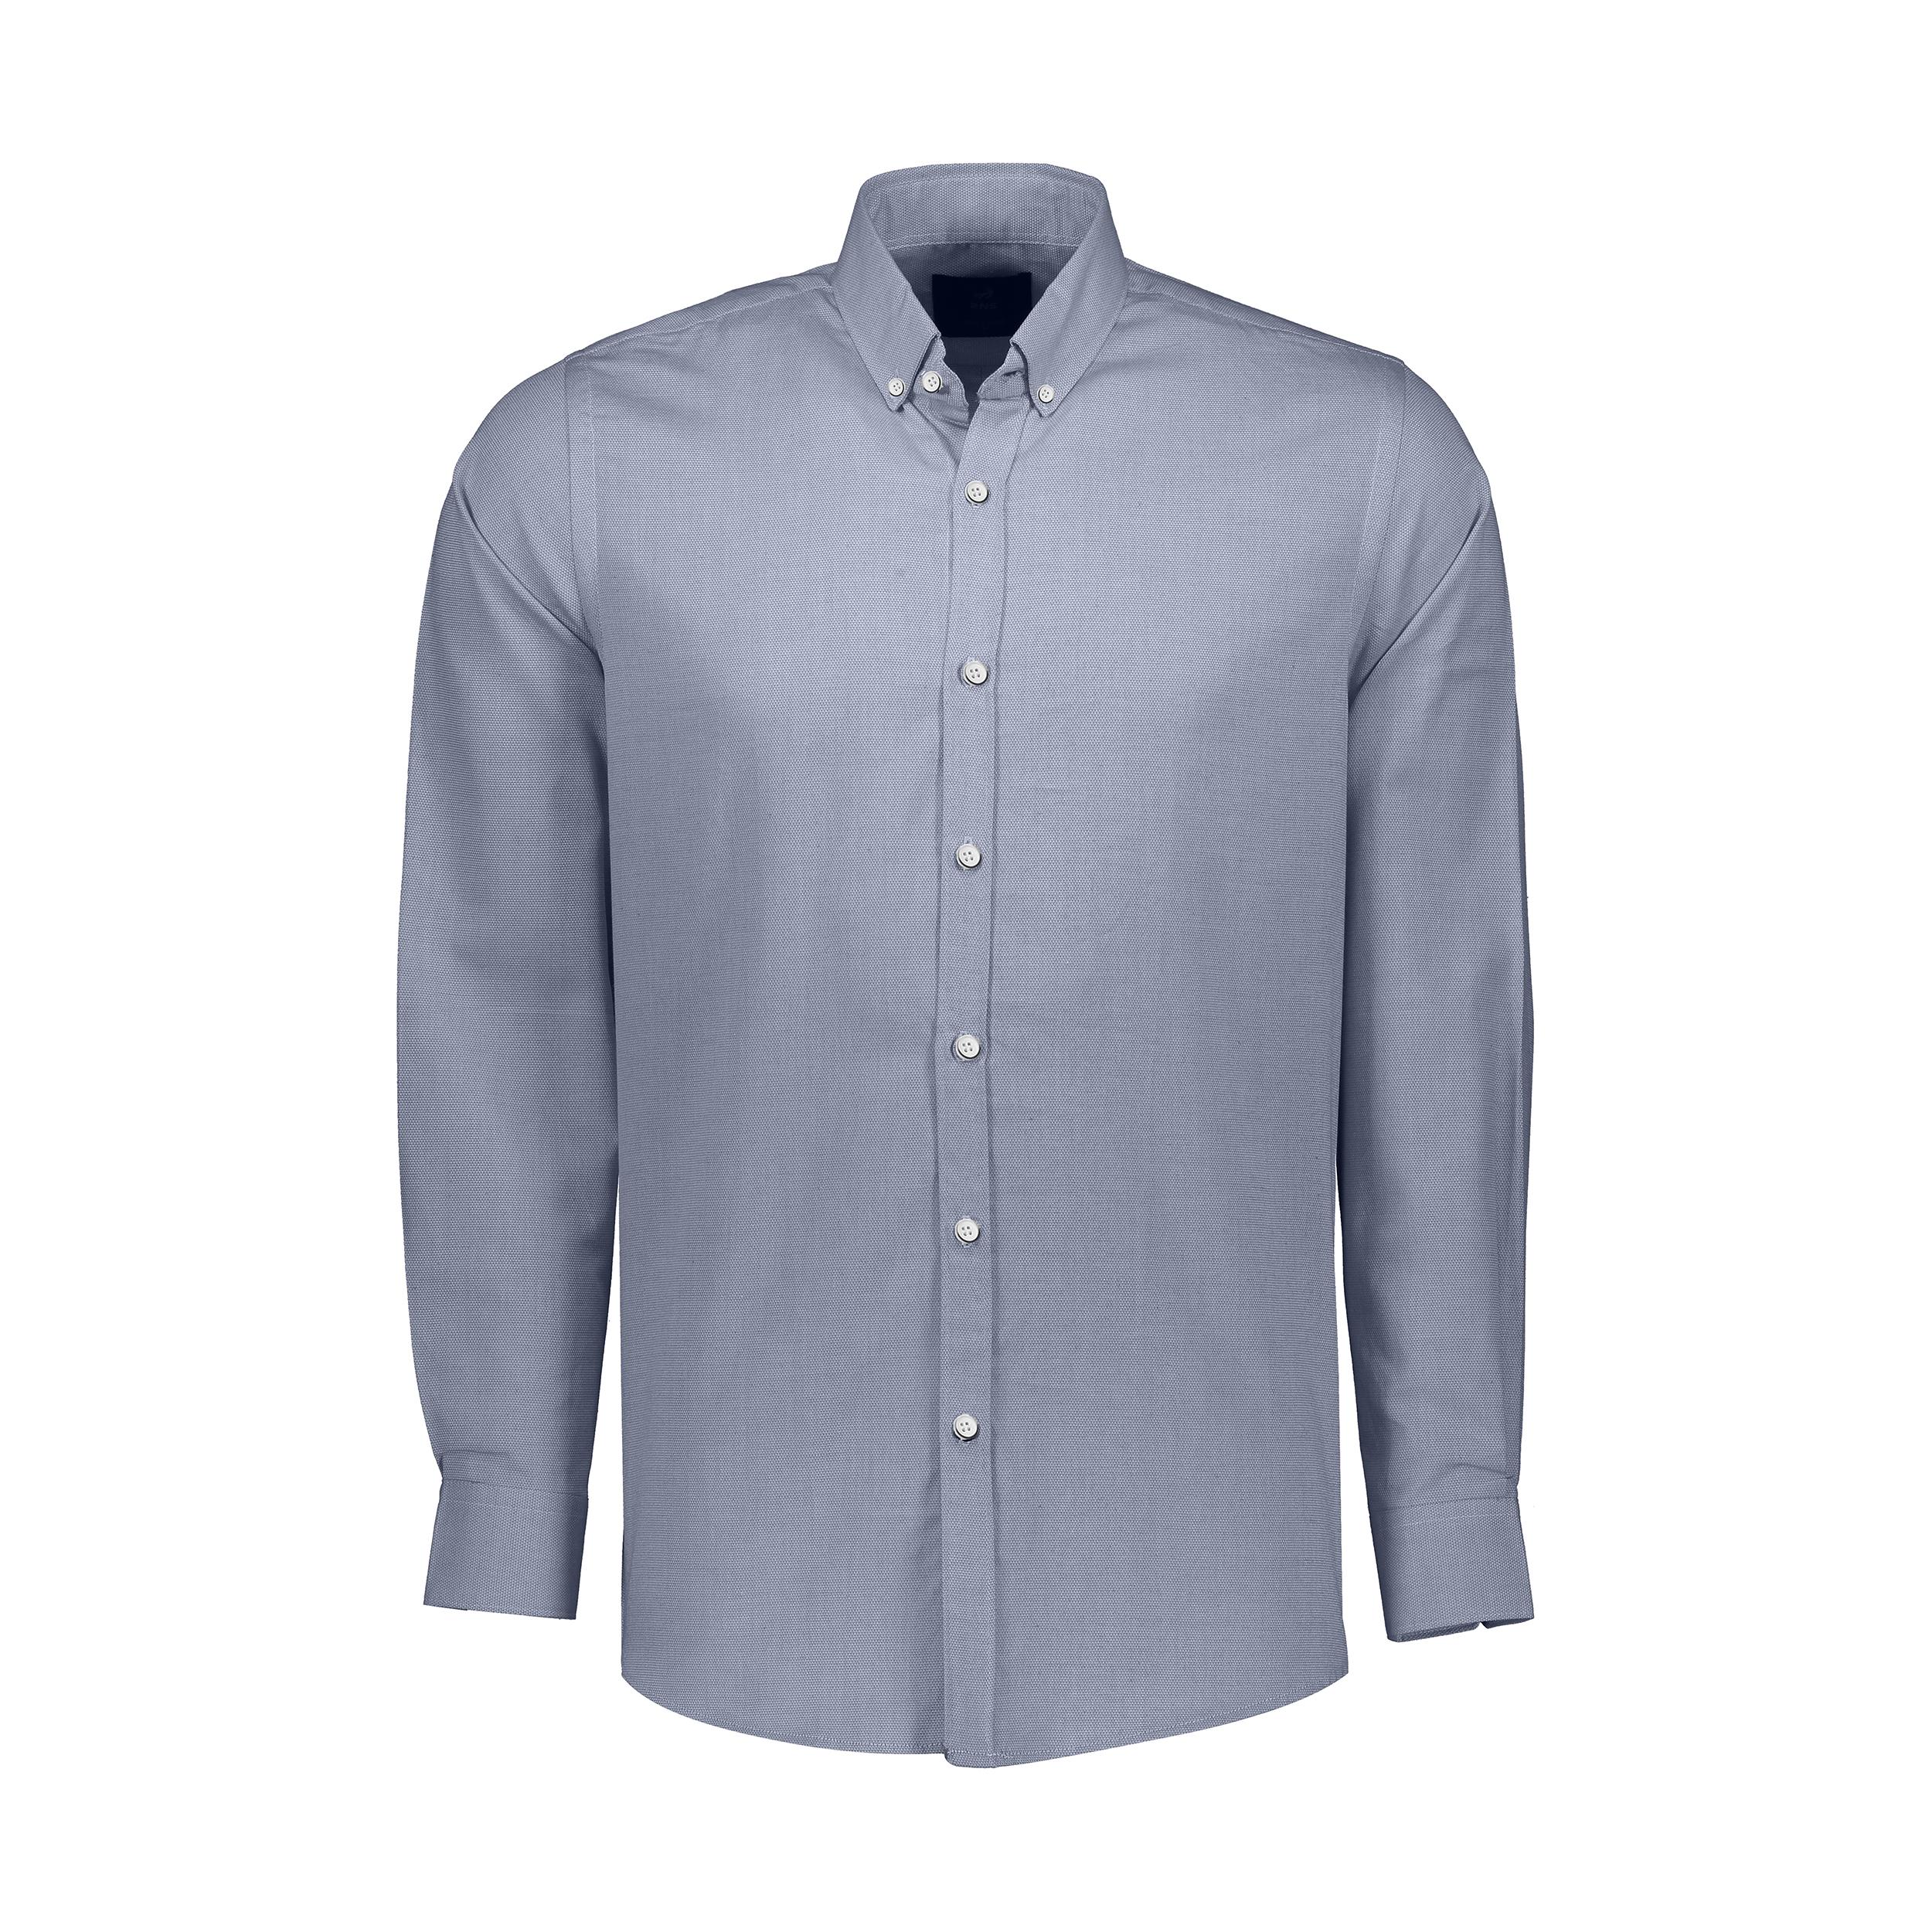 پیراهن مردانه آر ان اس مدل 120015-77